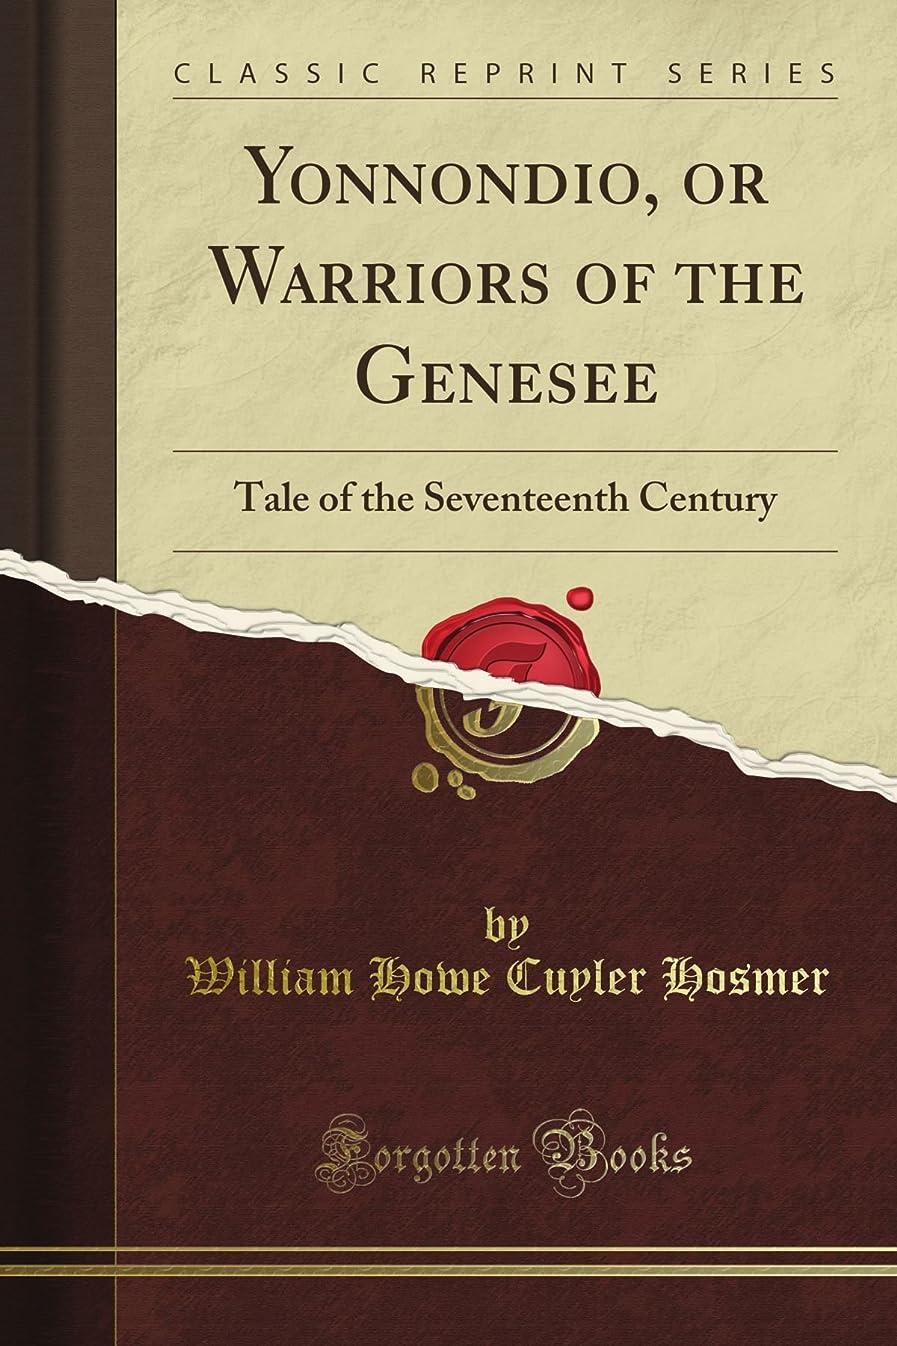 モス不安定な便宜Yonnondio, or Warriors of the Genesee: Tale of the Seventeenth Century (Classic Reprint)